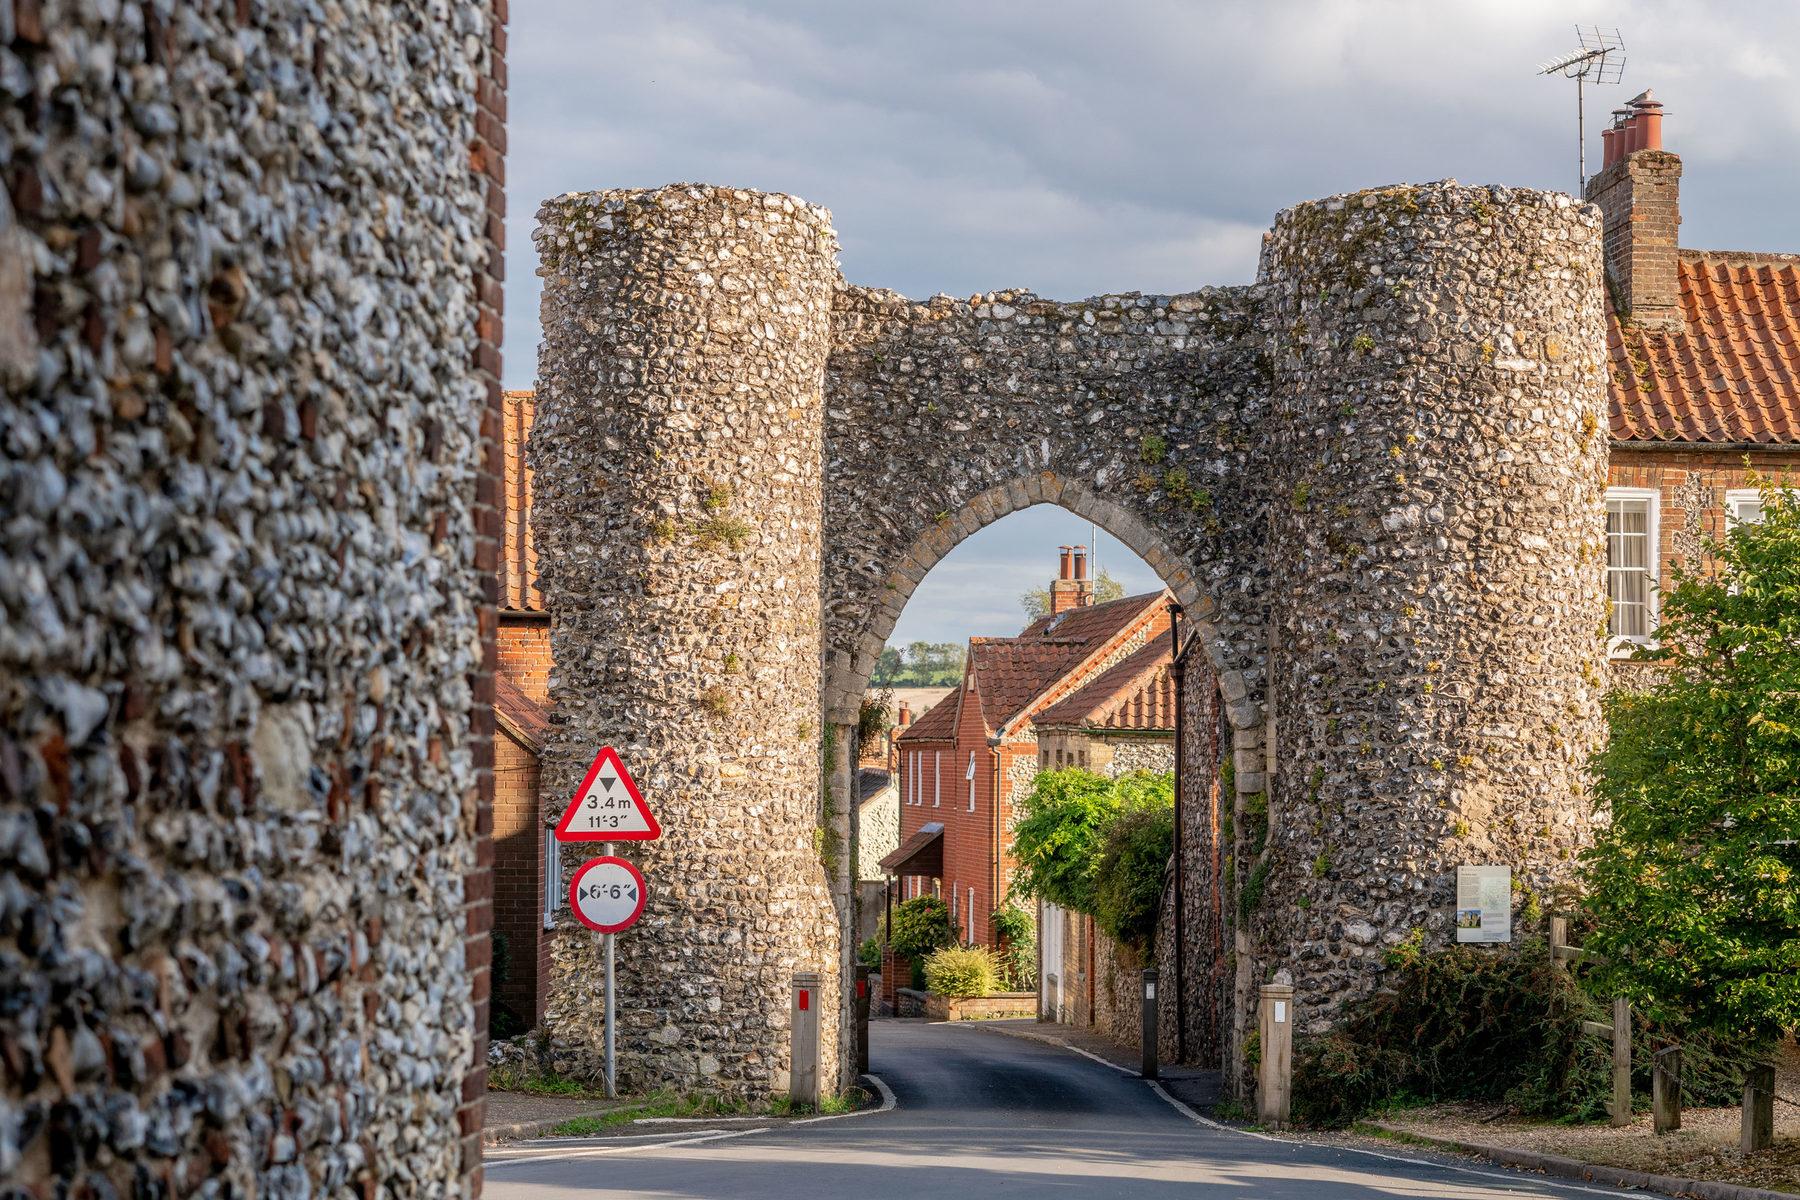 014 Castle Acre Village 2018